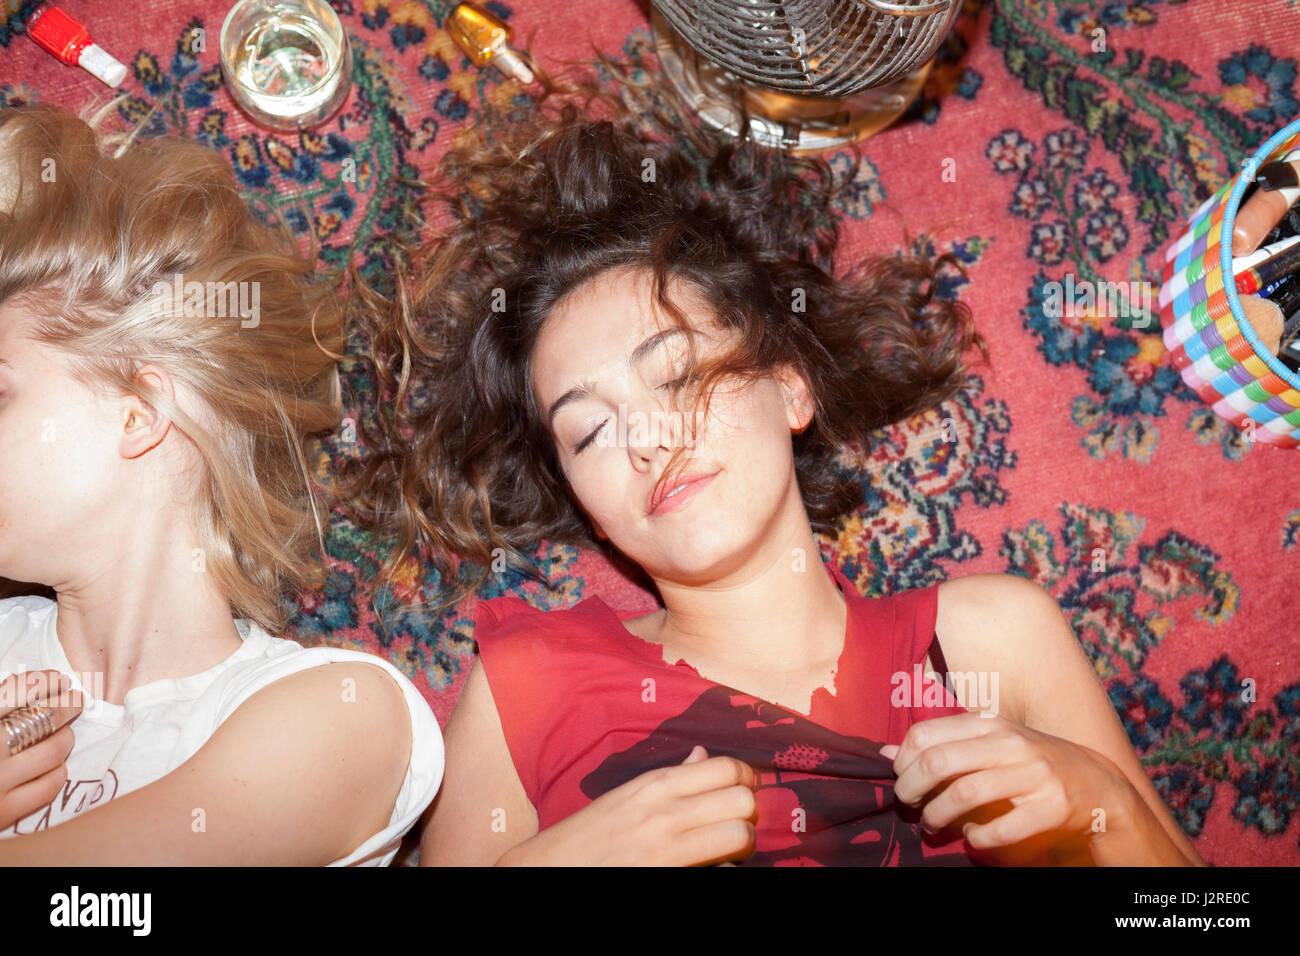 Retrato de dos mujeres jóvenes juguetones Imagen De Stock